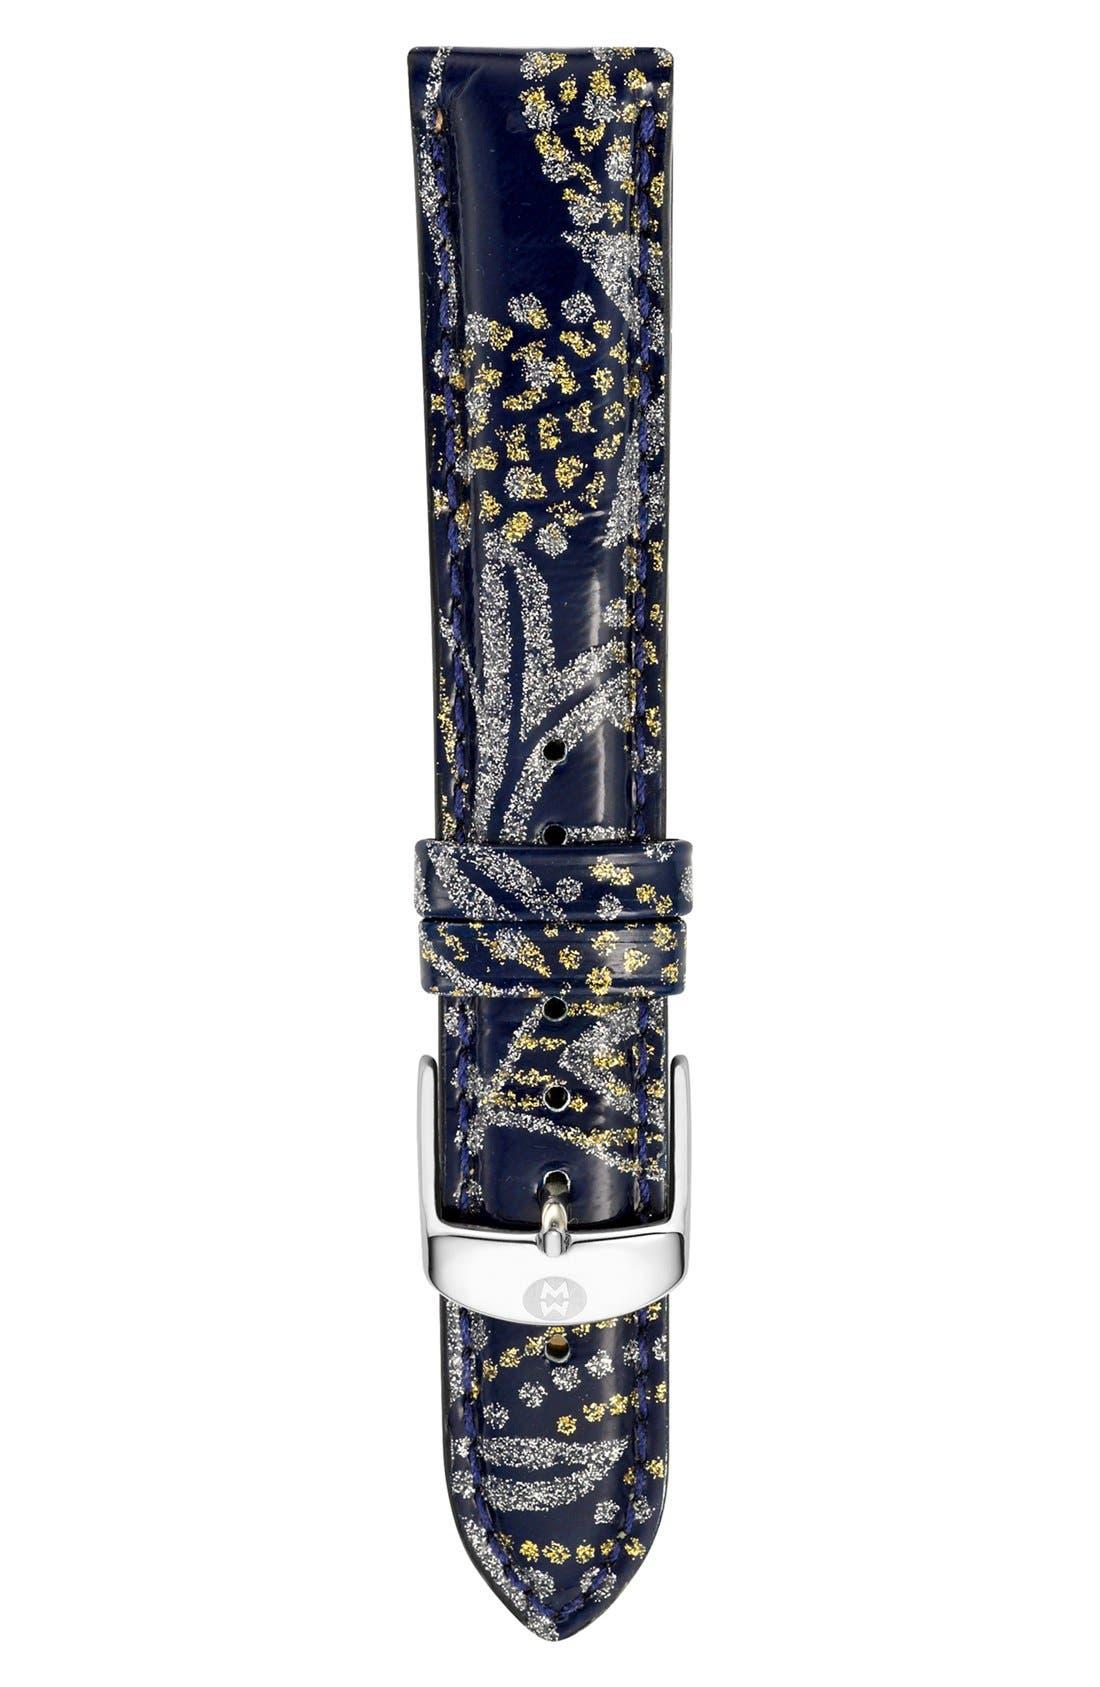 Main Image - MICHELE 18mm Paisley Pattern Patent Leather Watch Strap